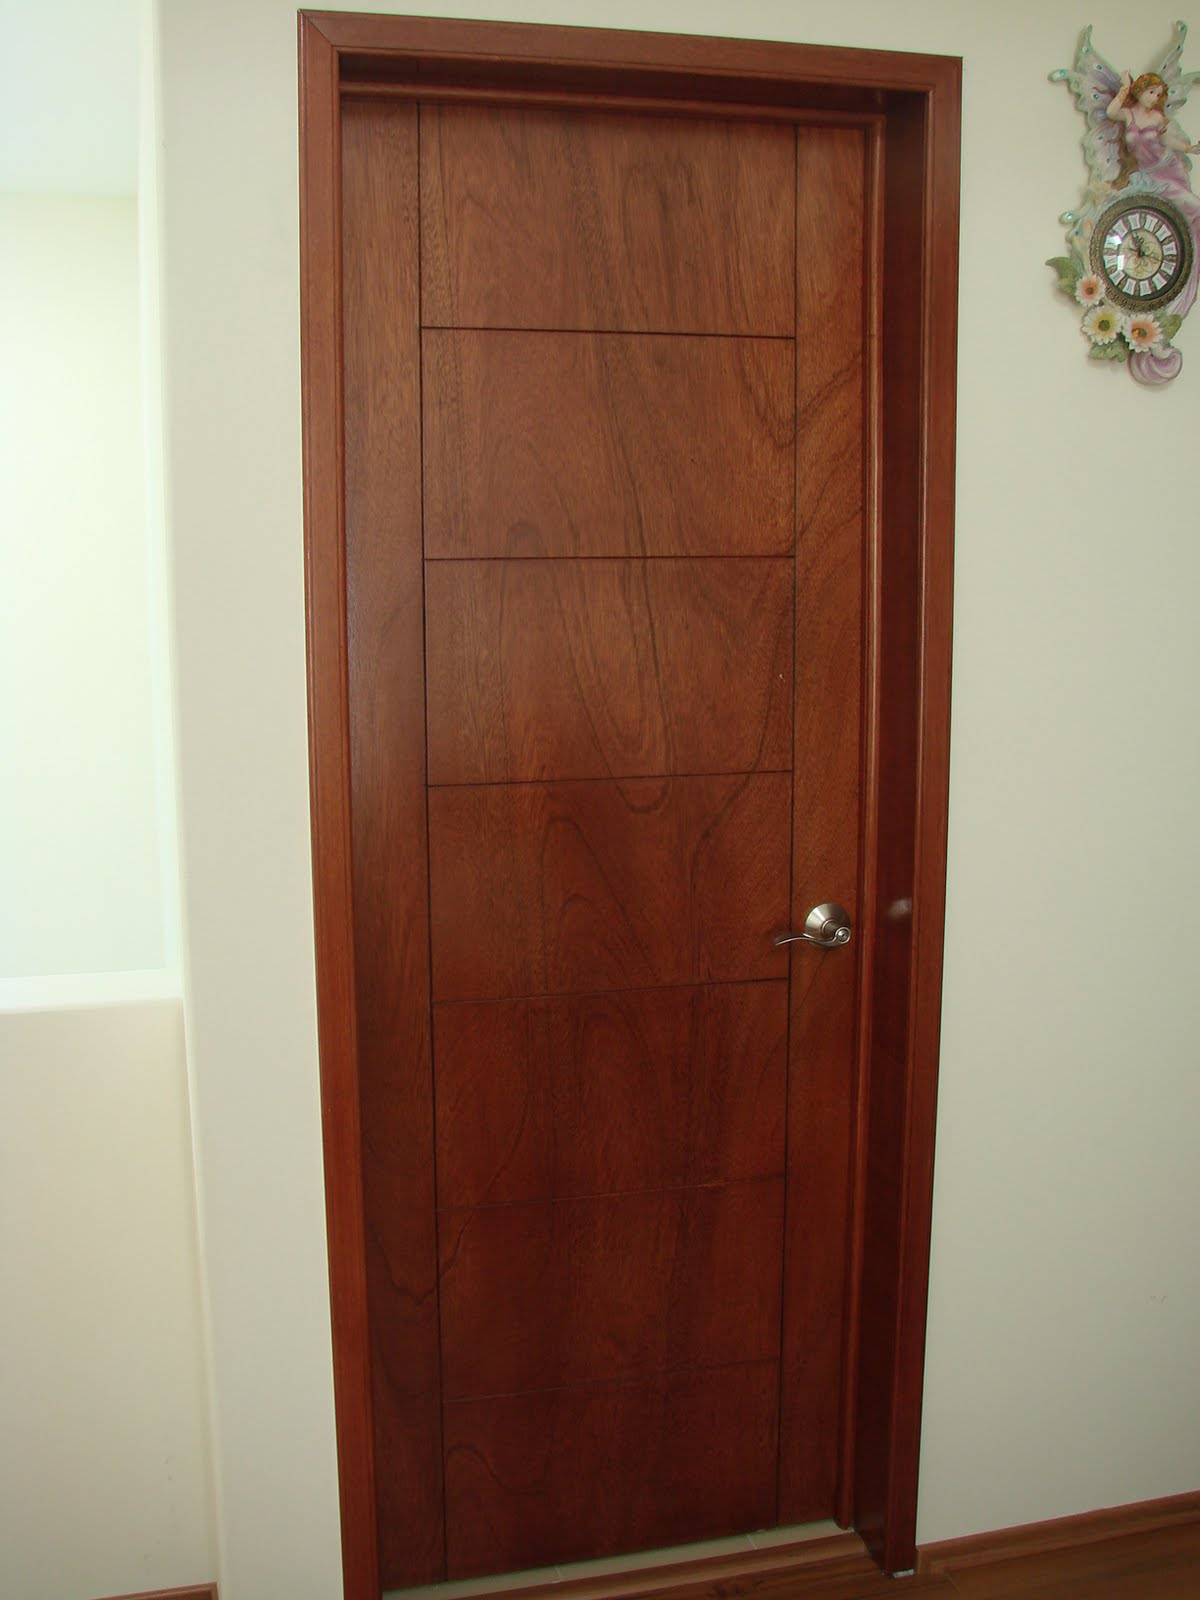 Puertas de madera puertas de garage puertas de garage for Puertas de madera para garage